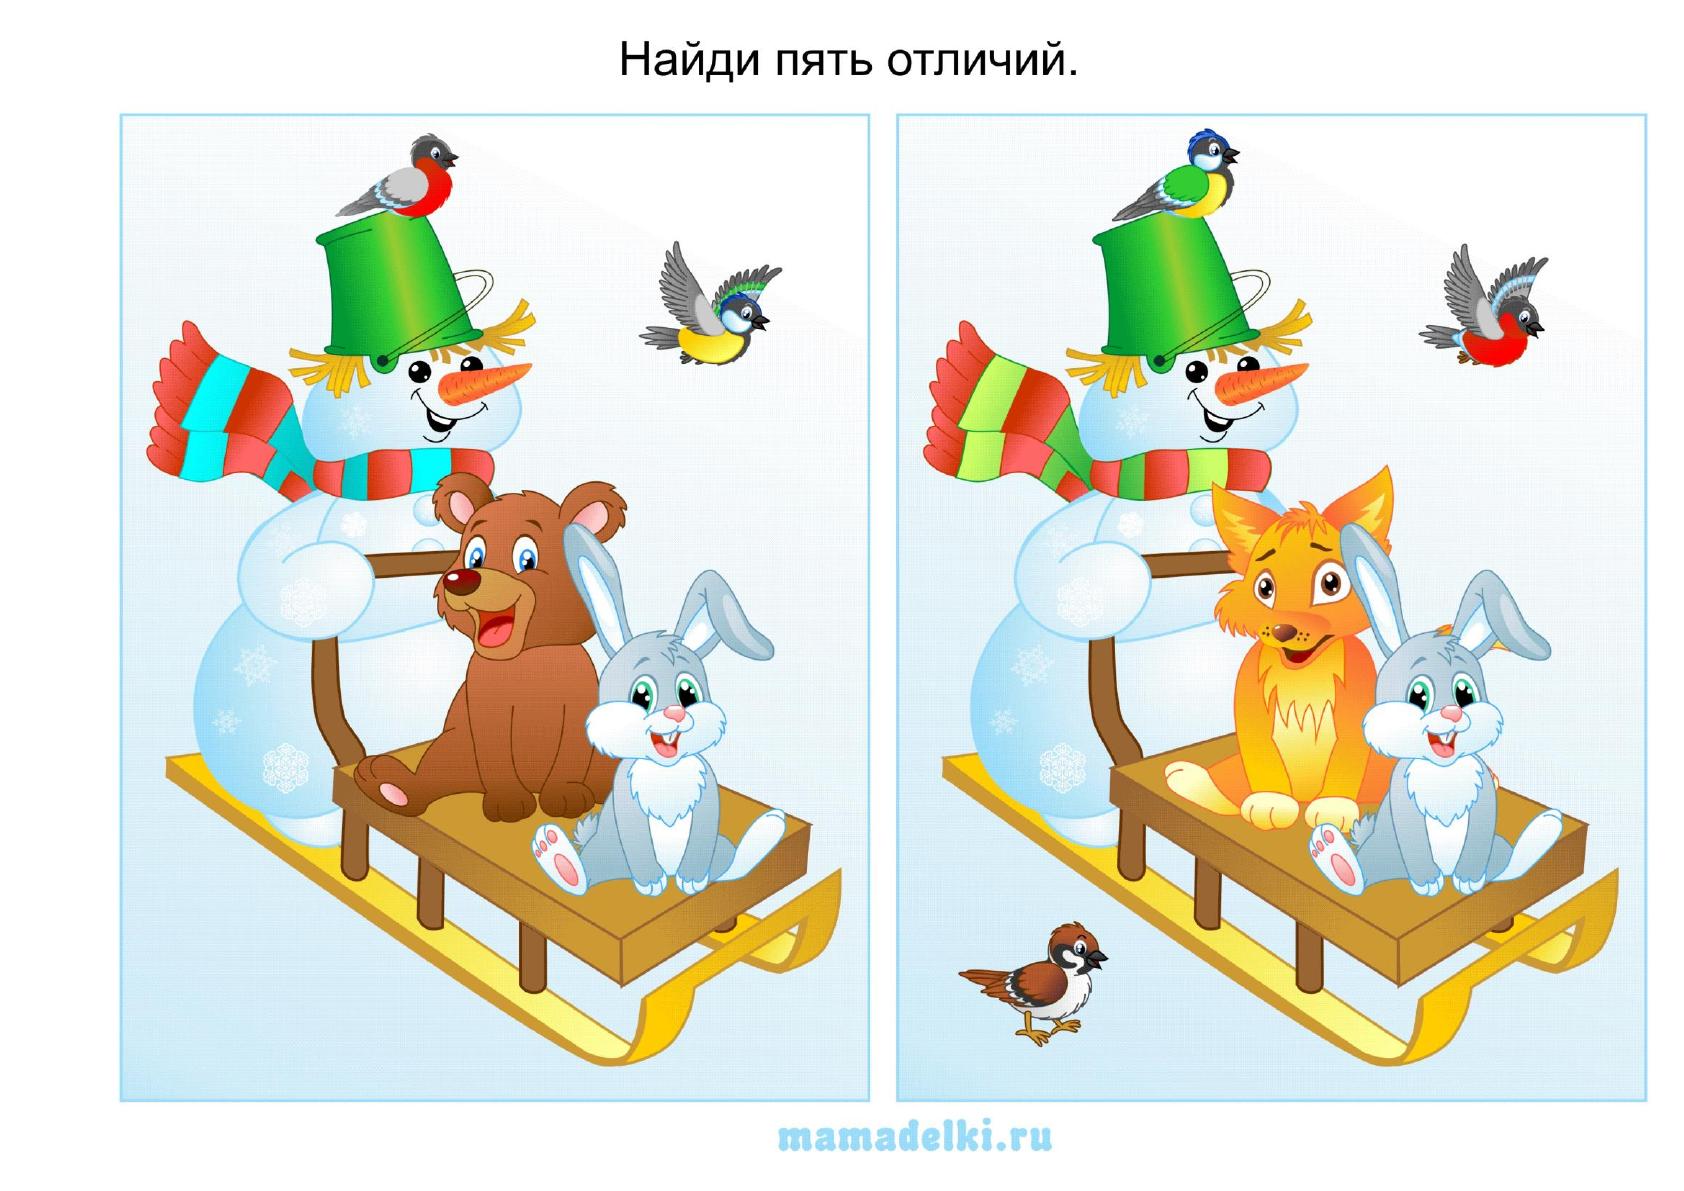 игры найди отличия новогодние картинки подоконниках